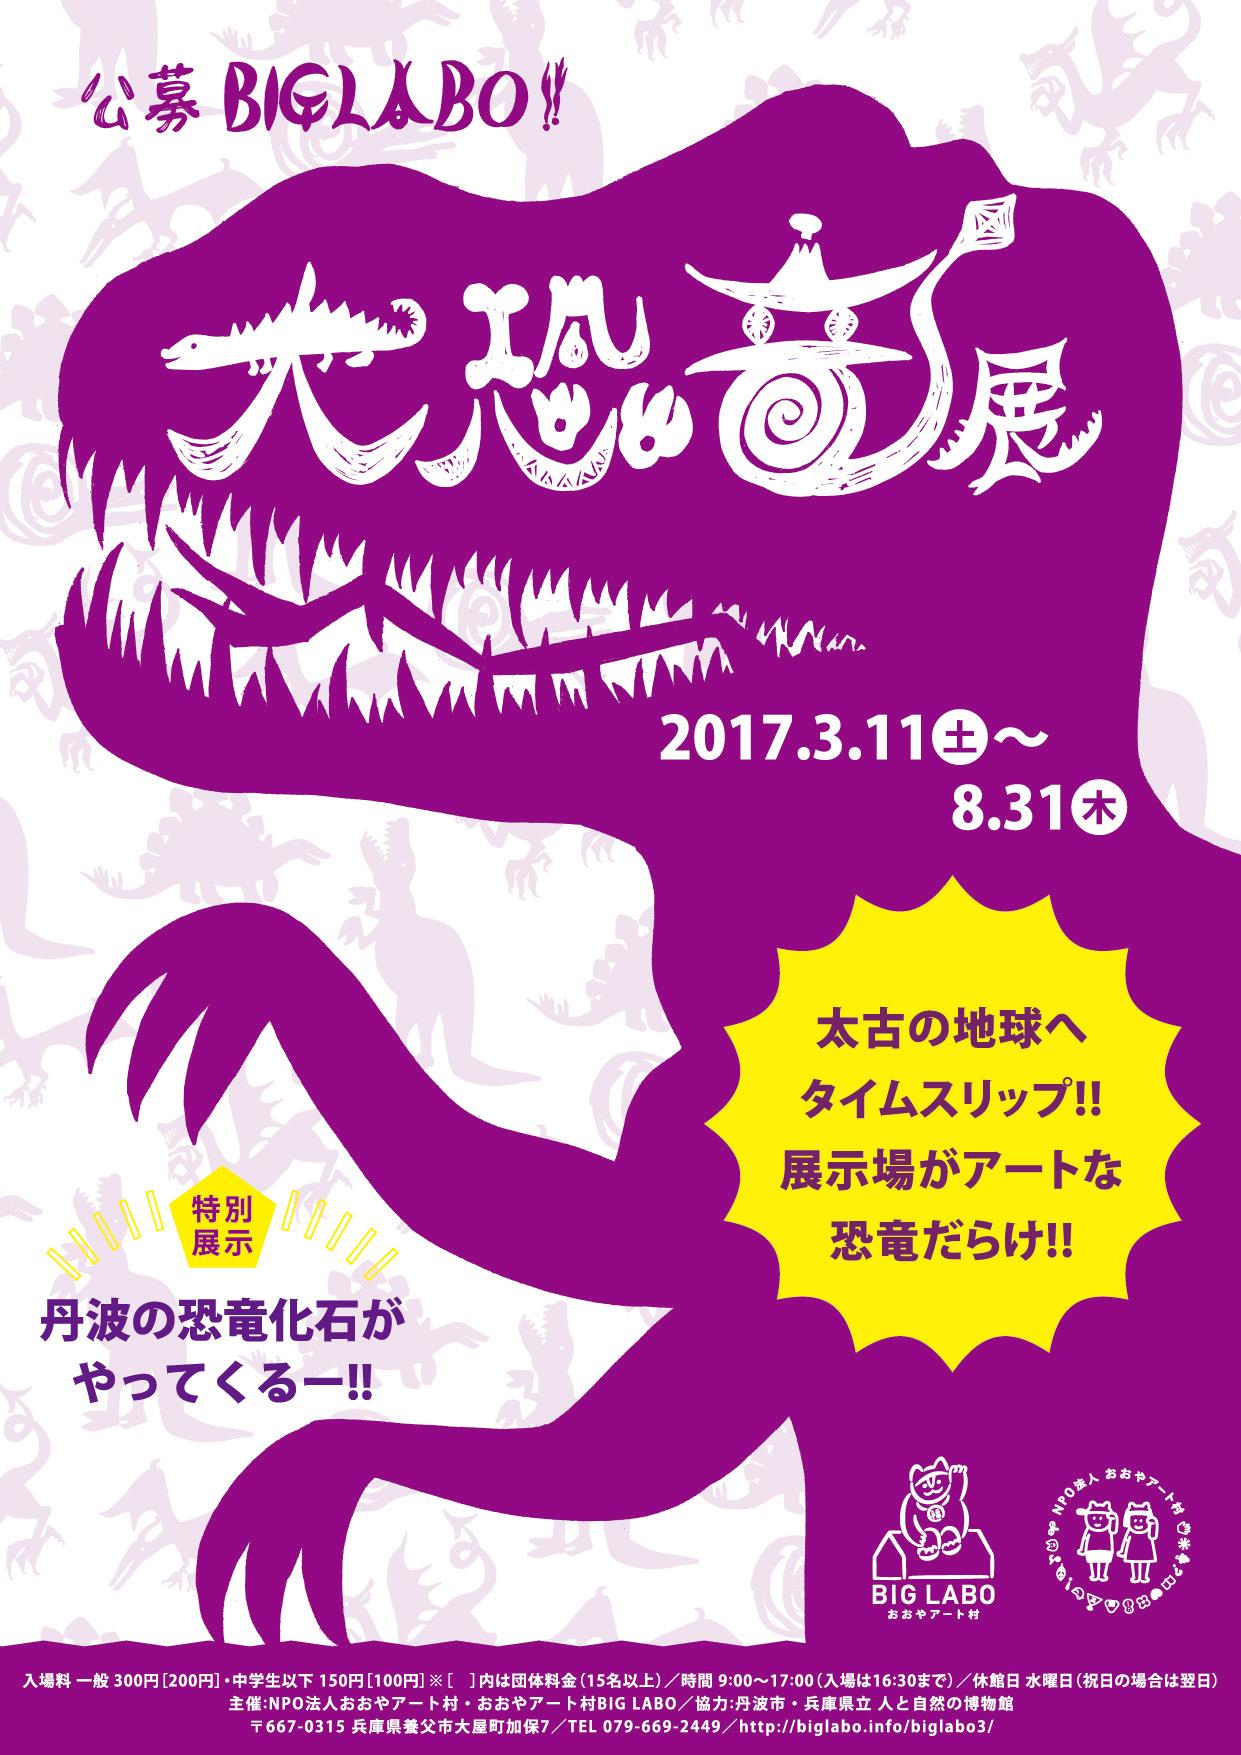 「公募BIG LABO!!大恐竜展」2017.3.11~8.31